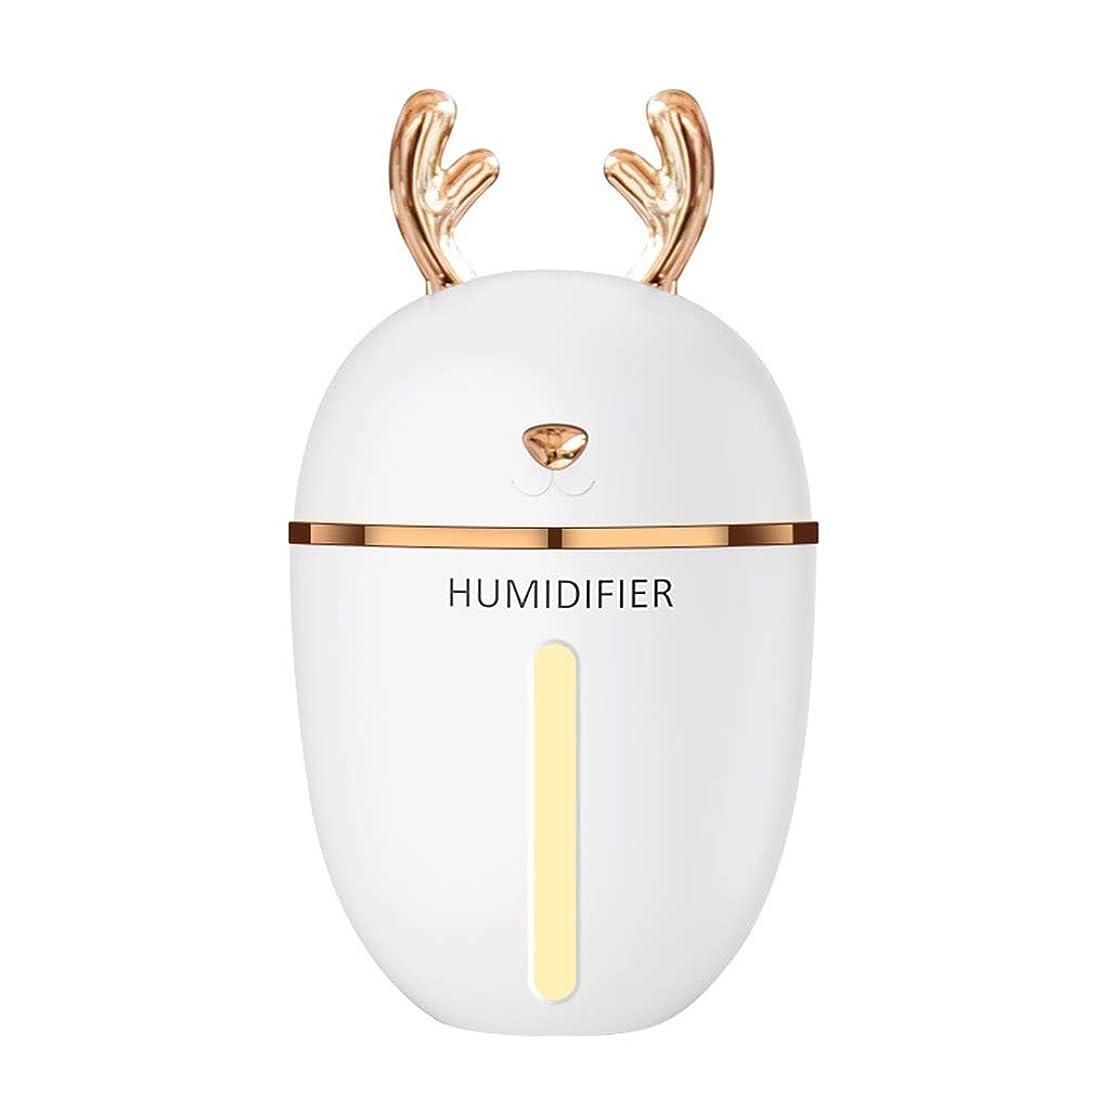 勃起肥満エントリLZAQ 加湿器usbミストmenglu ledインテークライト280ミリリットルポータブルエアアロマディフューザーモイスチャライザースプレー静かな操作寝室子供ベビールームミニ加湿器 TTT001 (Color : White)